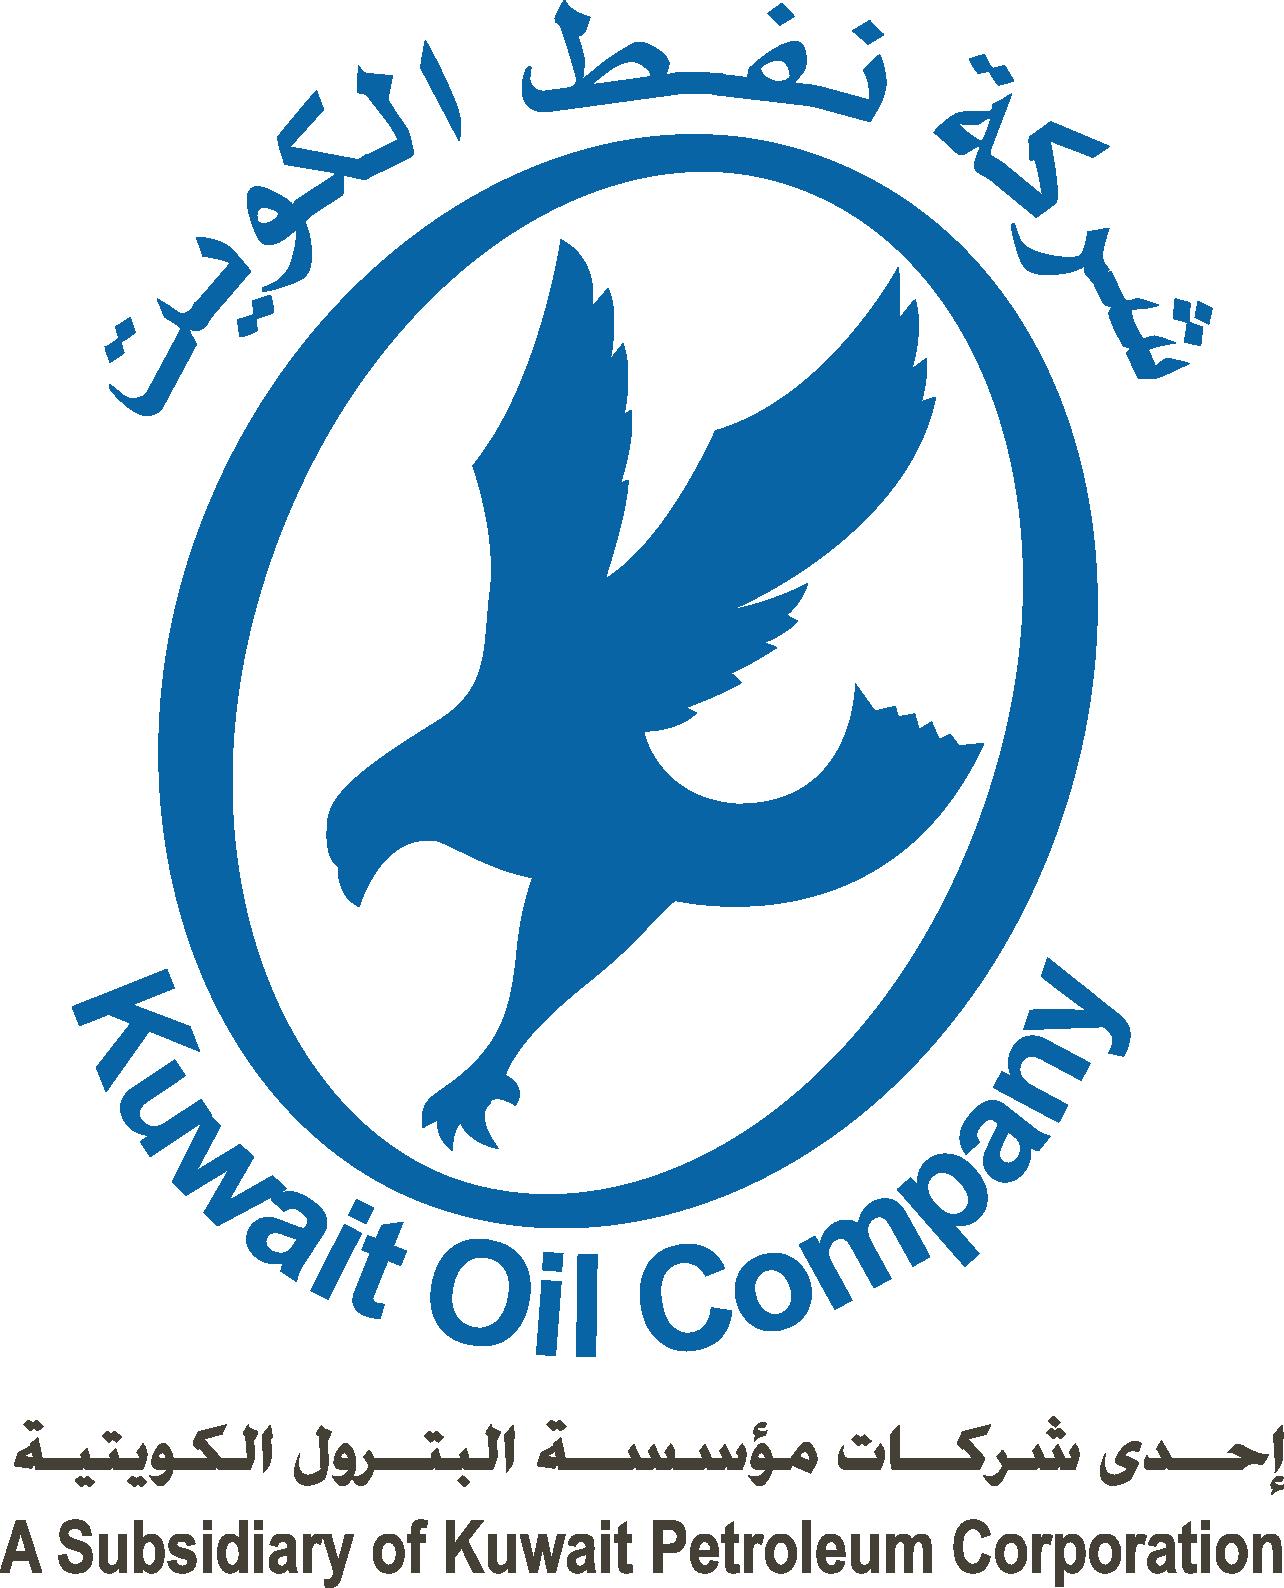 Kuwait Oil Company - Oil & Gas